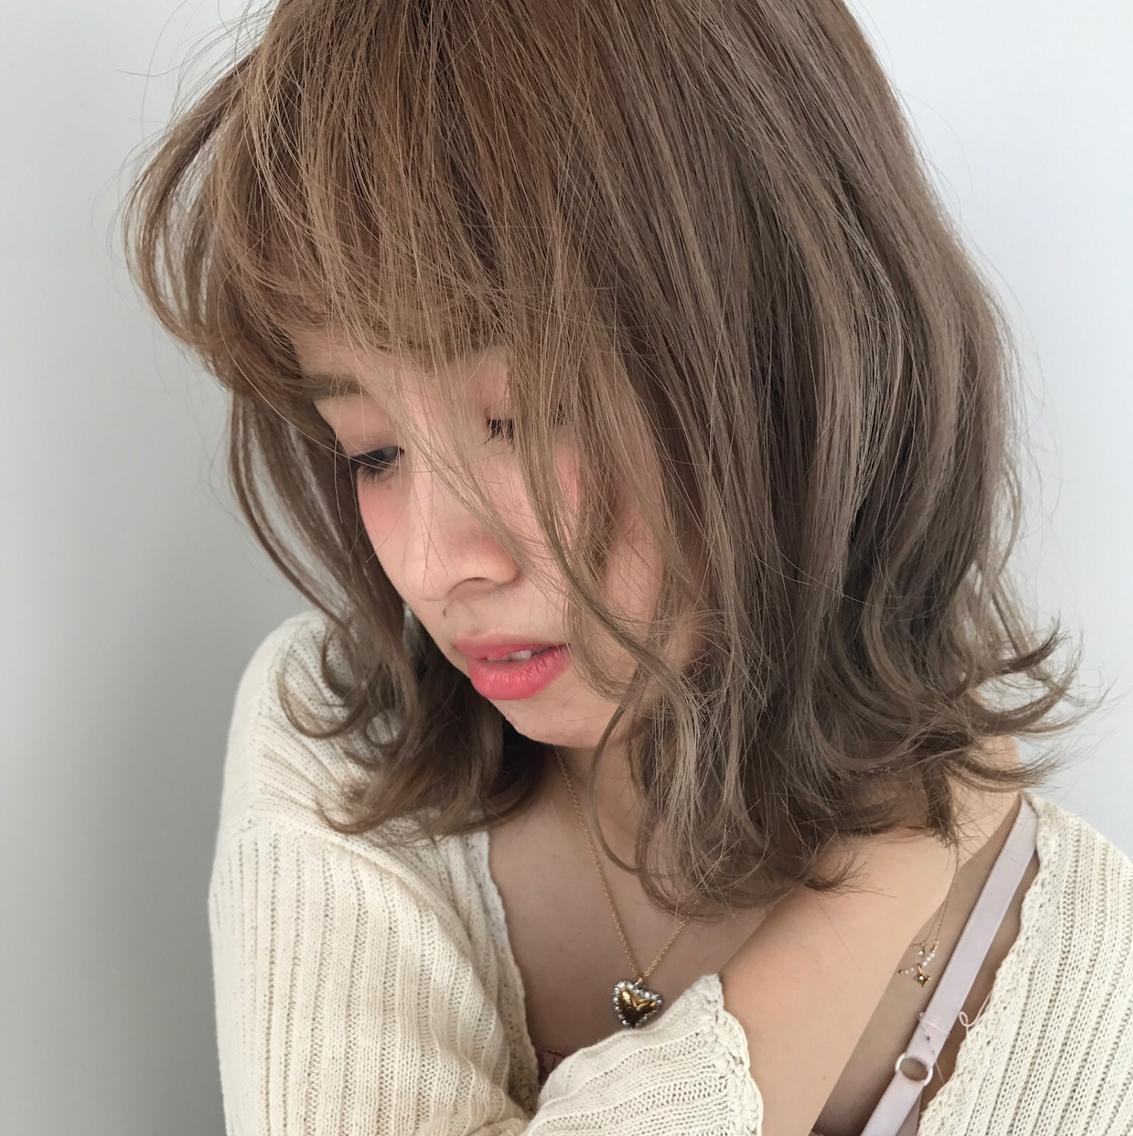 栄、矢場町すぐ!初回30パーセントオフ!必ず可愛くなれます♡♡カジュアル、大人可愛いスタイルが得意です♡♡!